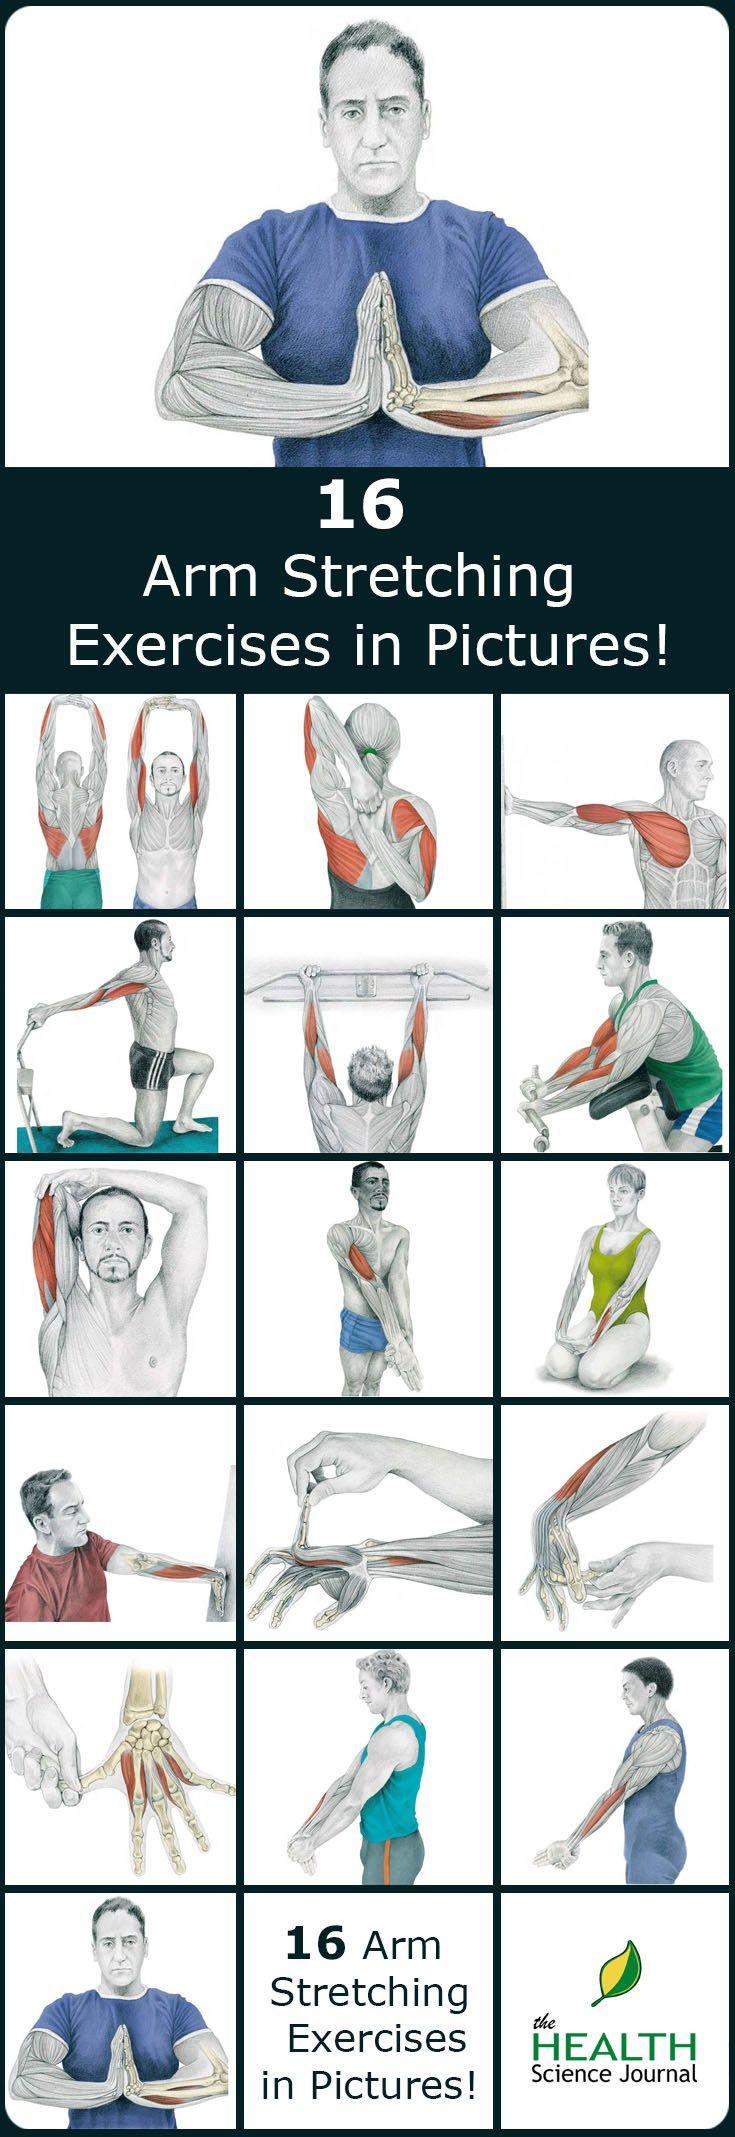 Étirements haut du corps : 23 exercices pour le dos, les bras, avant-bras, biceps et pectoraux.